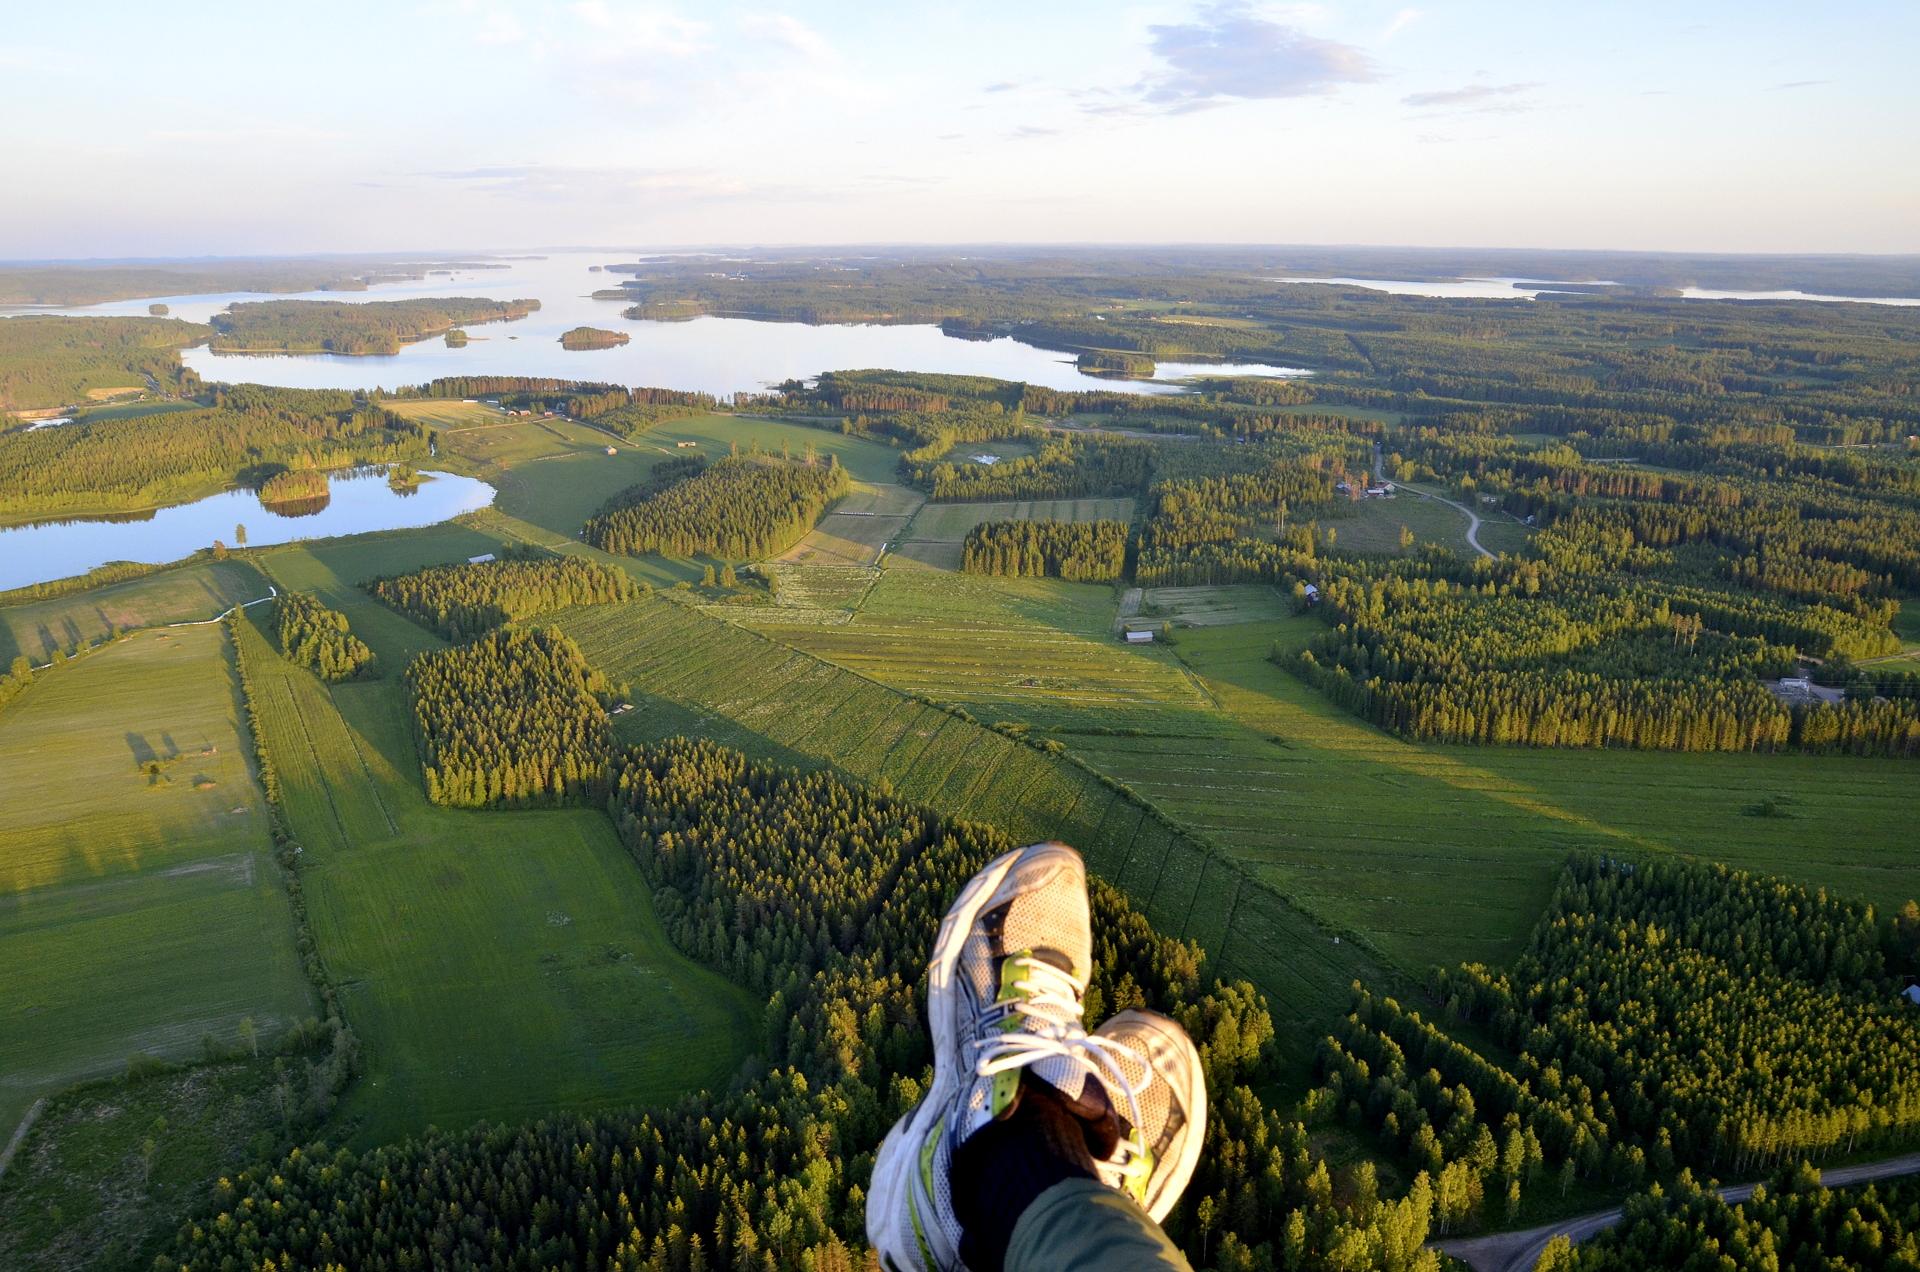 Viitakankaan maisemia matkalla Viitasaaren keskustaan. Keitelejärvi näkyy jo.